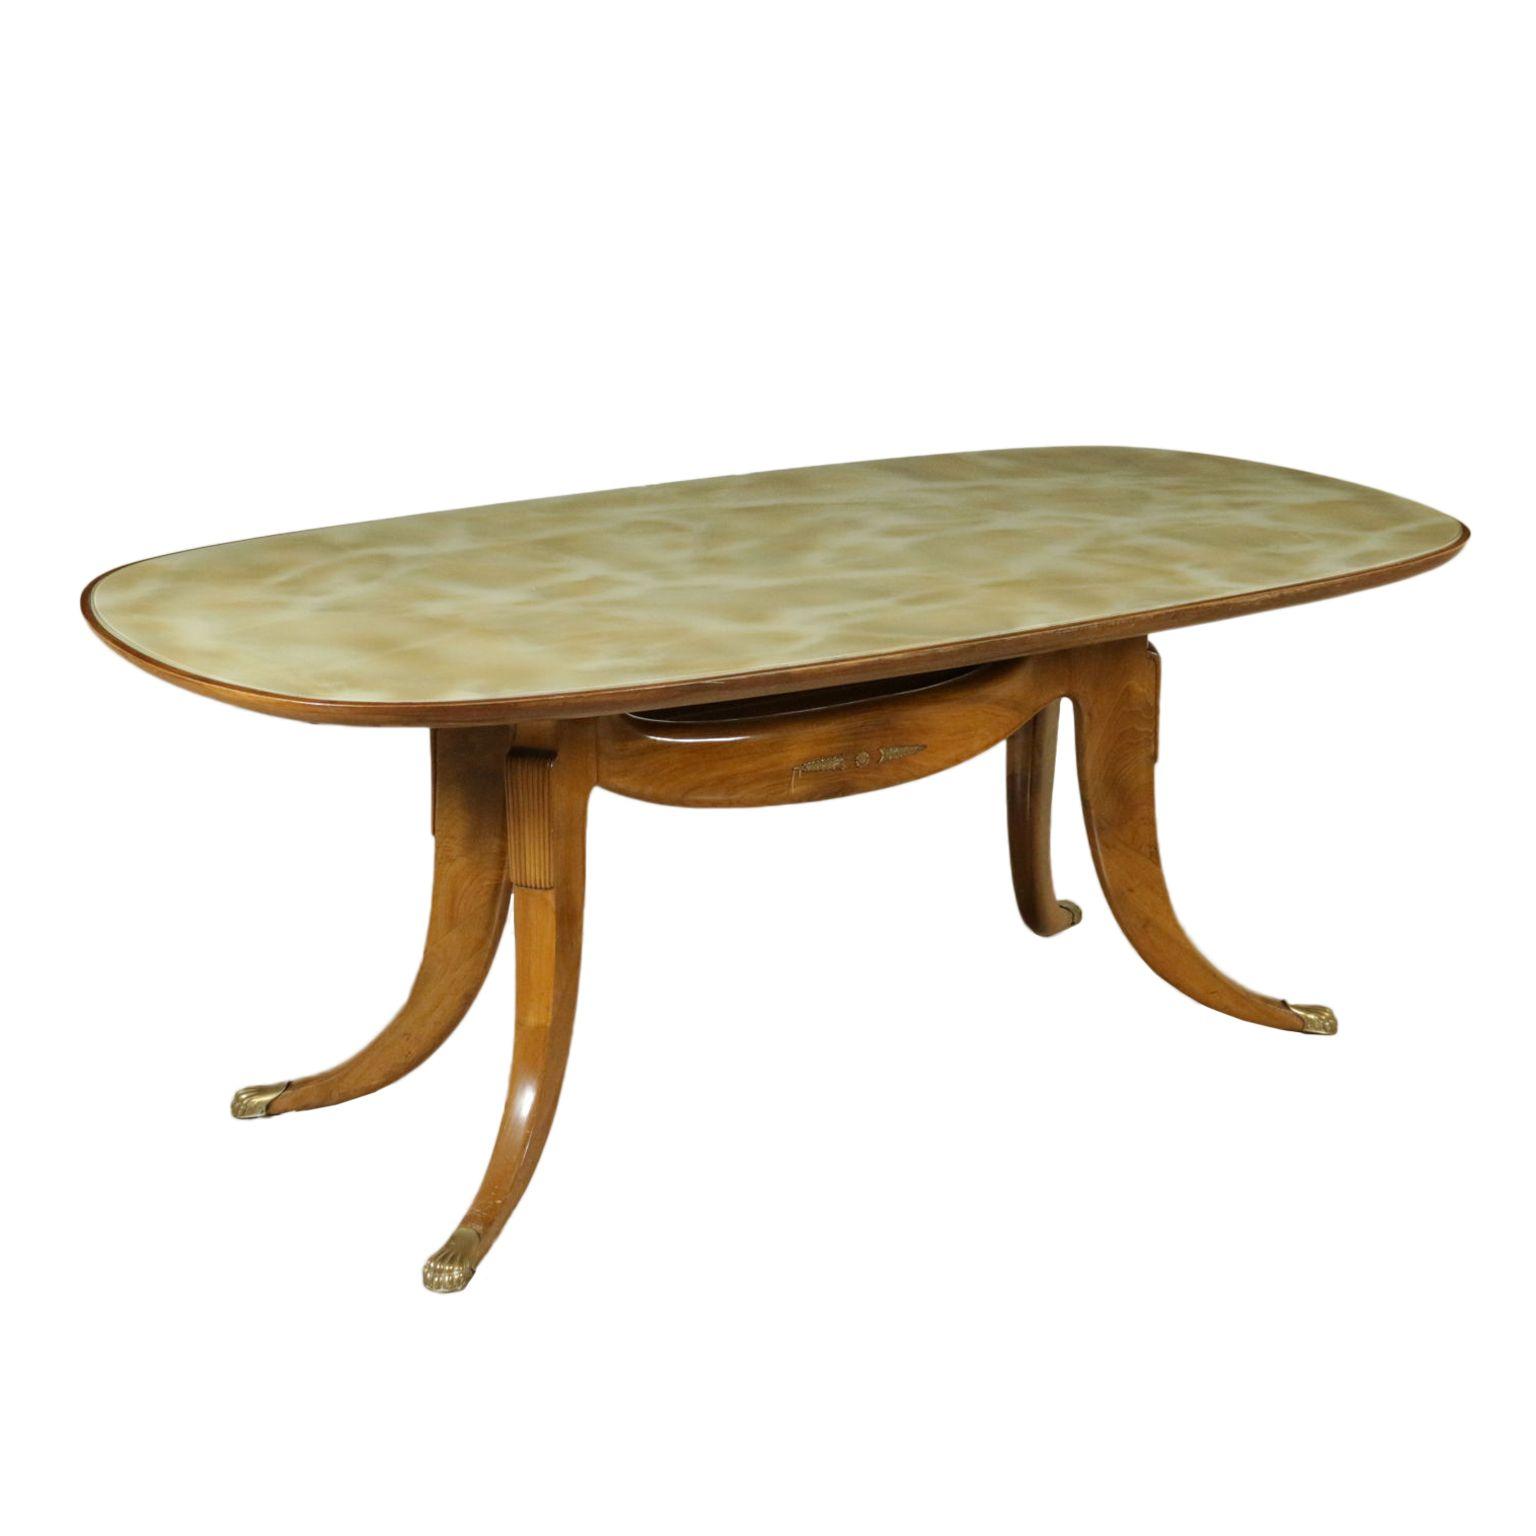 Tavolo Anni 50 60 Legno Di Faggio Decori In Ottone Piano In Vetro Retro Trattato Effetto Marmo Tavolo Tavolino Da Caffe Tavolo Marmo